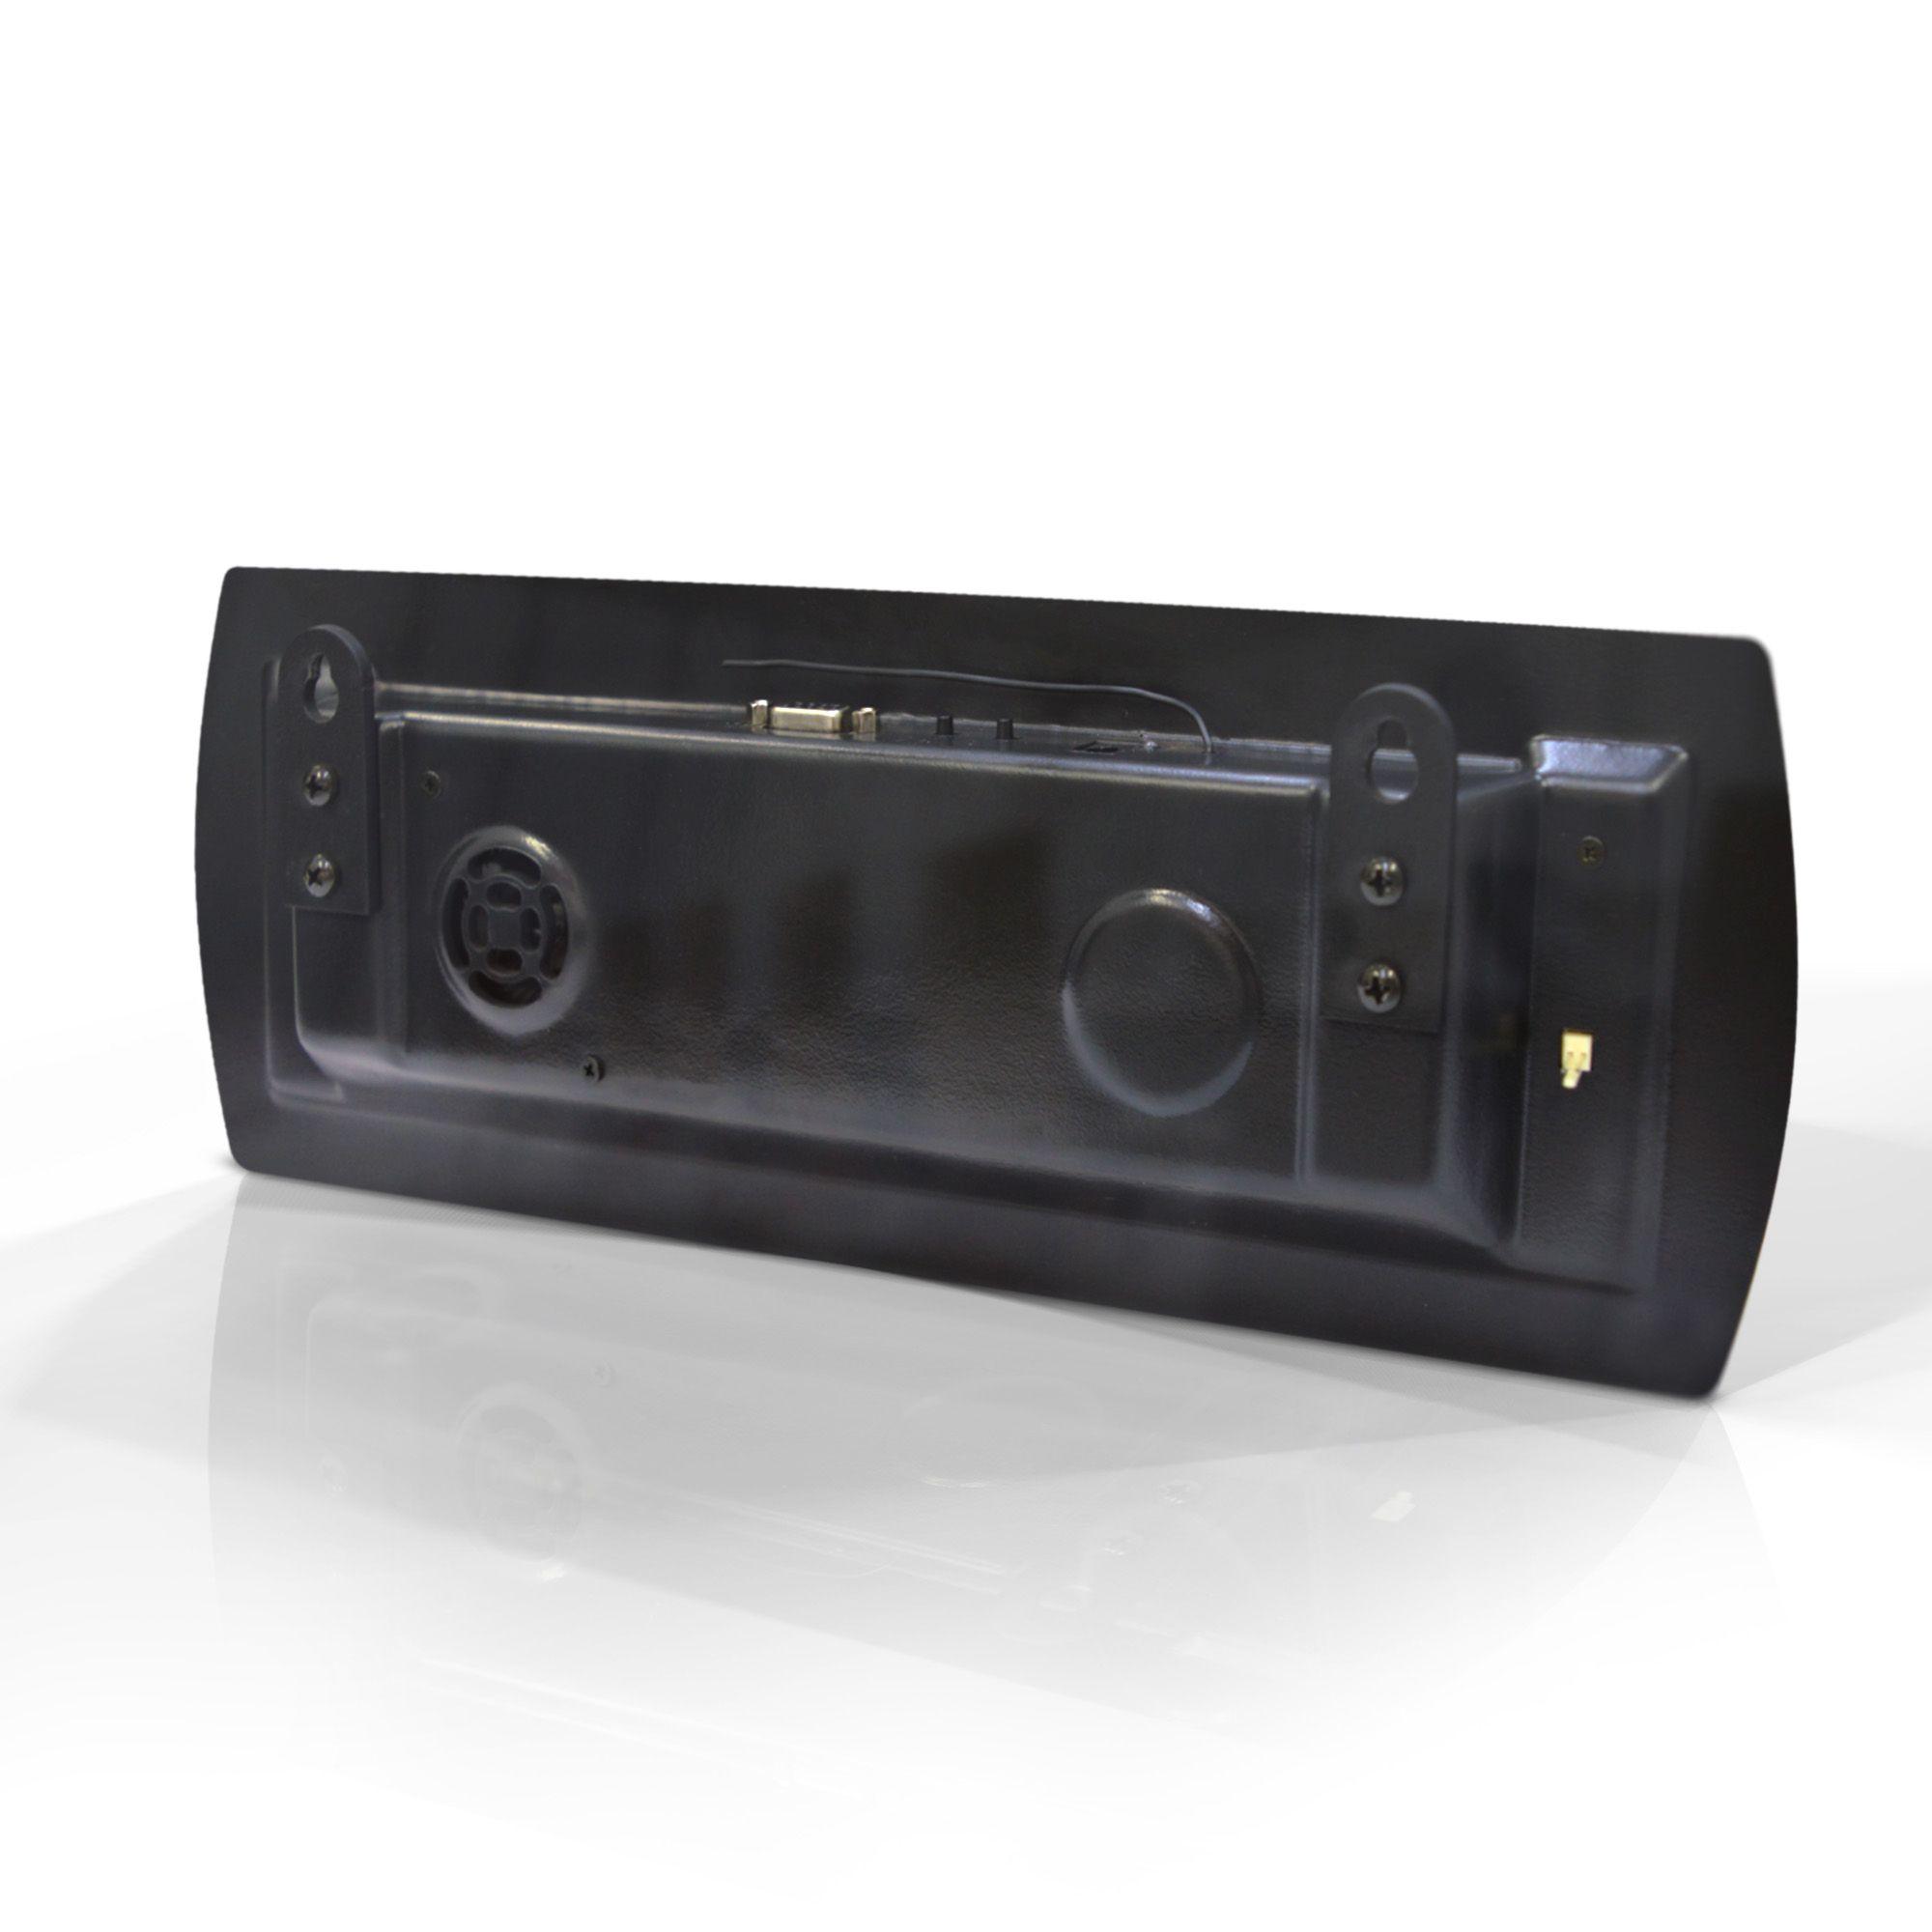 Agilize Slim 625 SG - Painel de Senha e Guichê com 2 Controles e Dispensador e Bobina - 38x14 cm